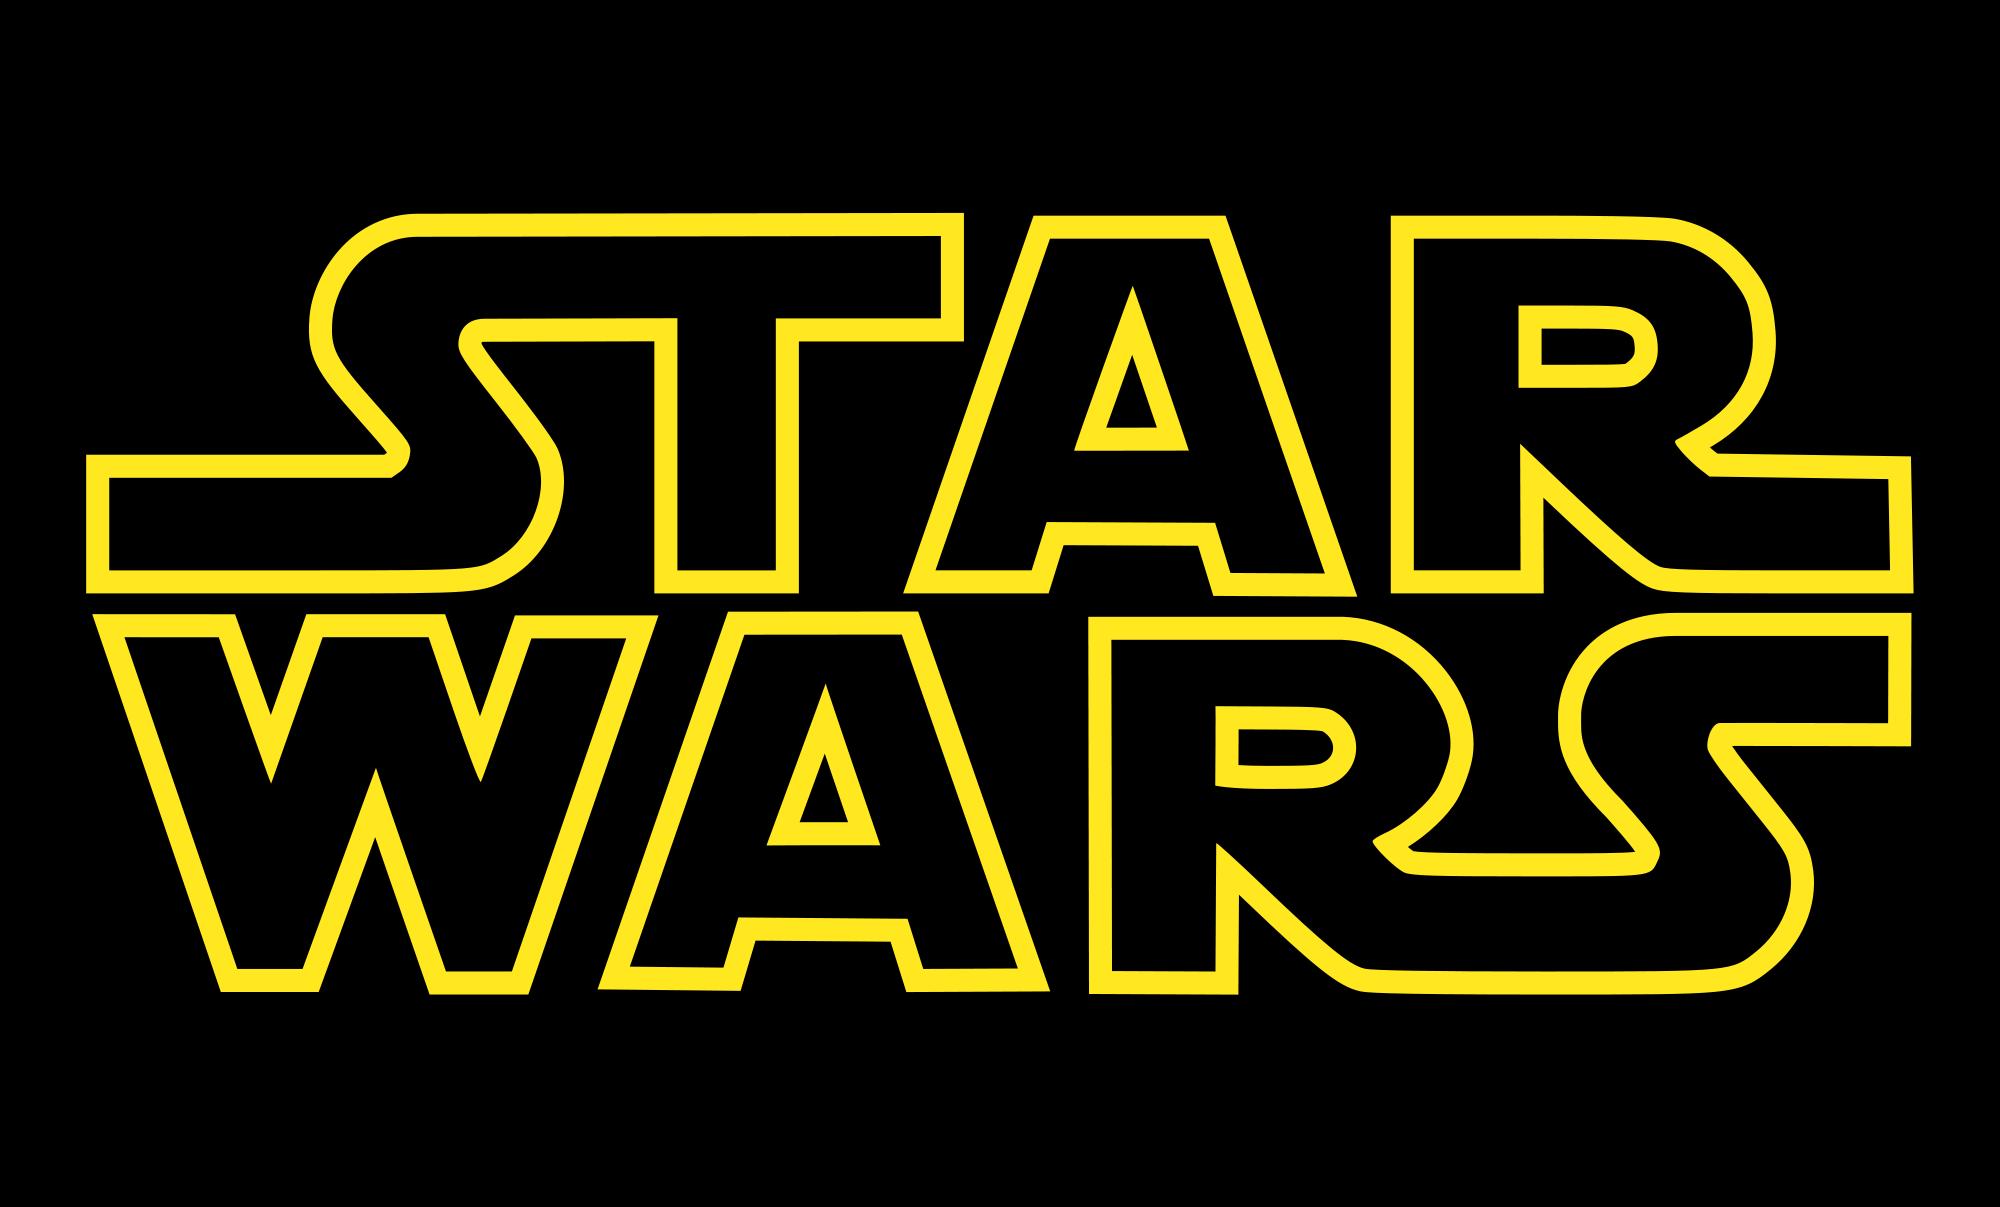 star wars denis villeneuve spin-off